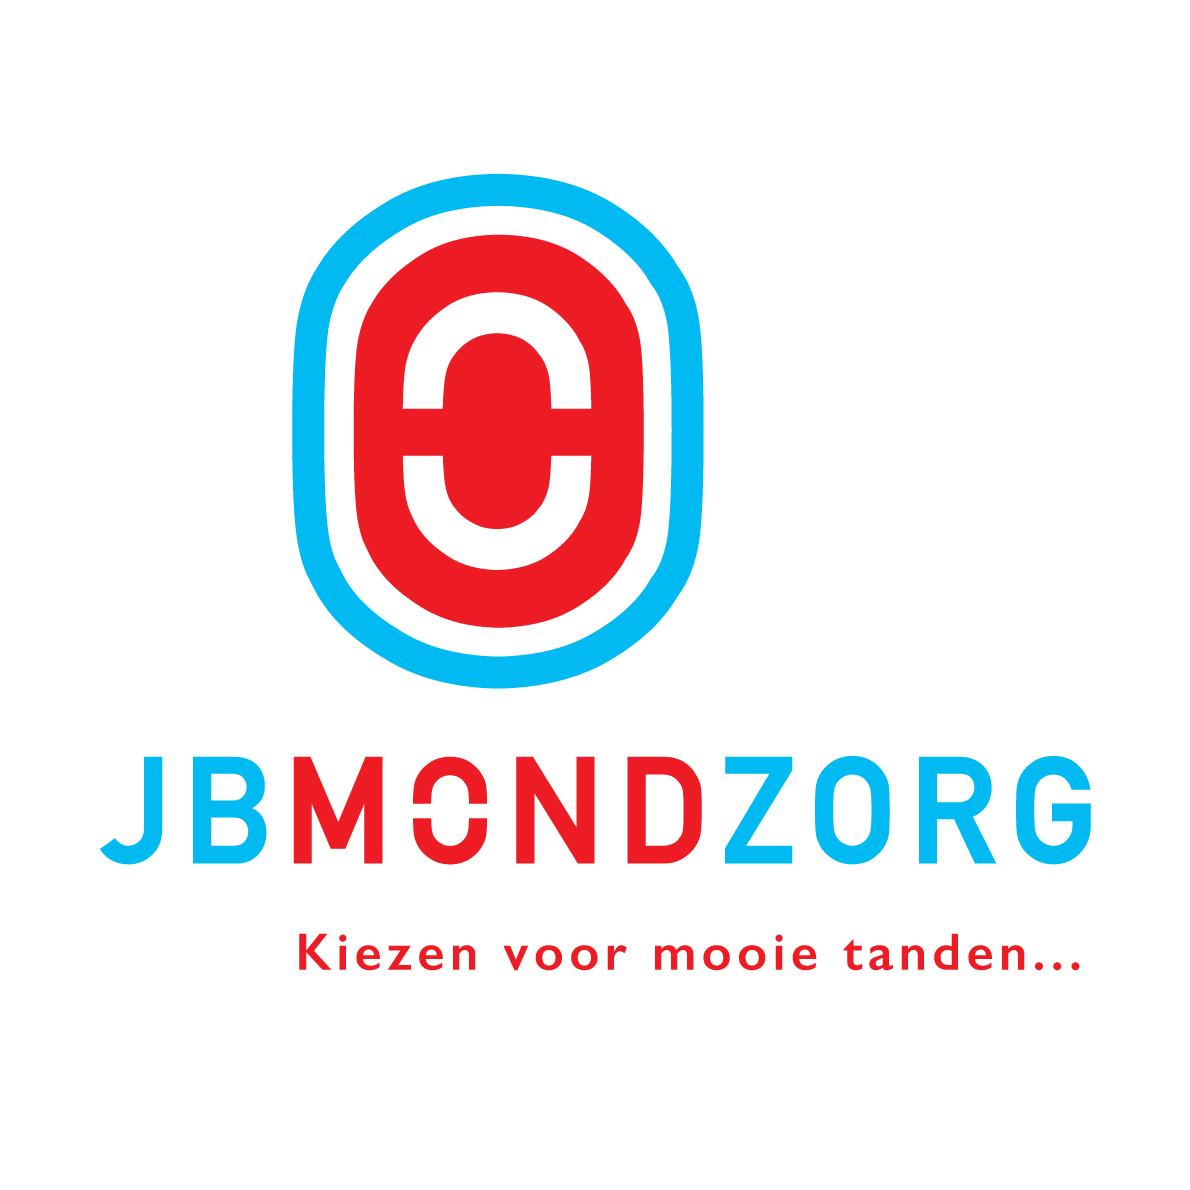 JB MONDZORG tandartsenpraktijk